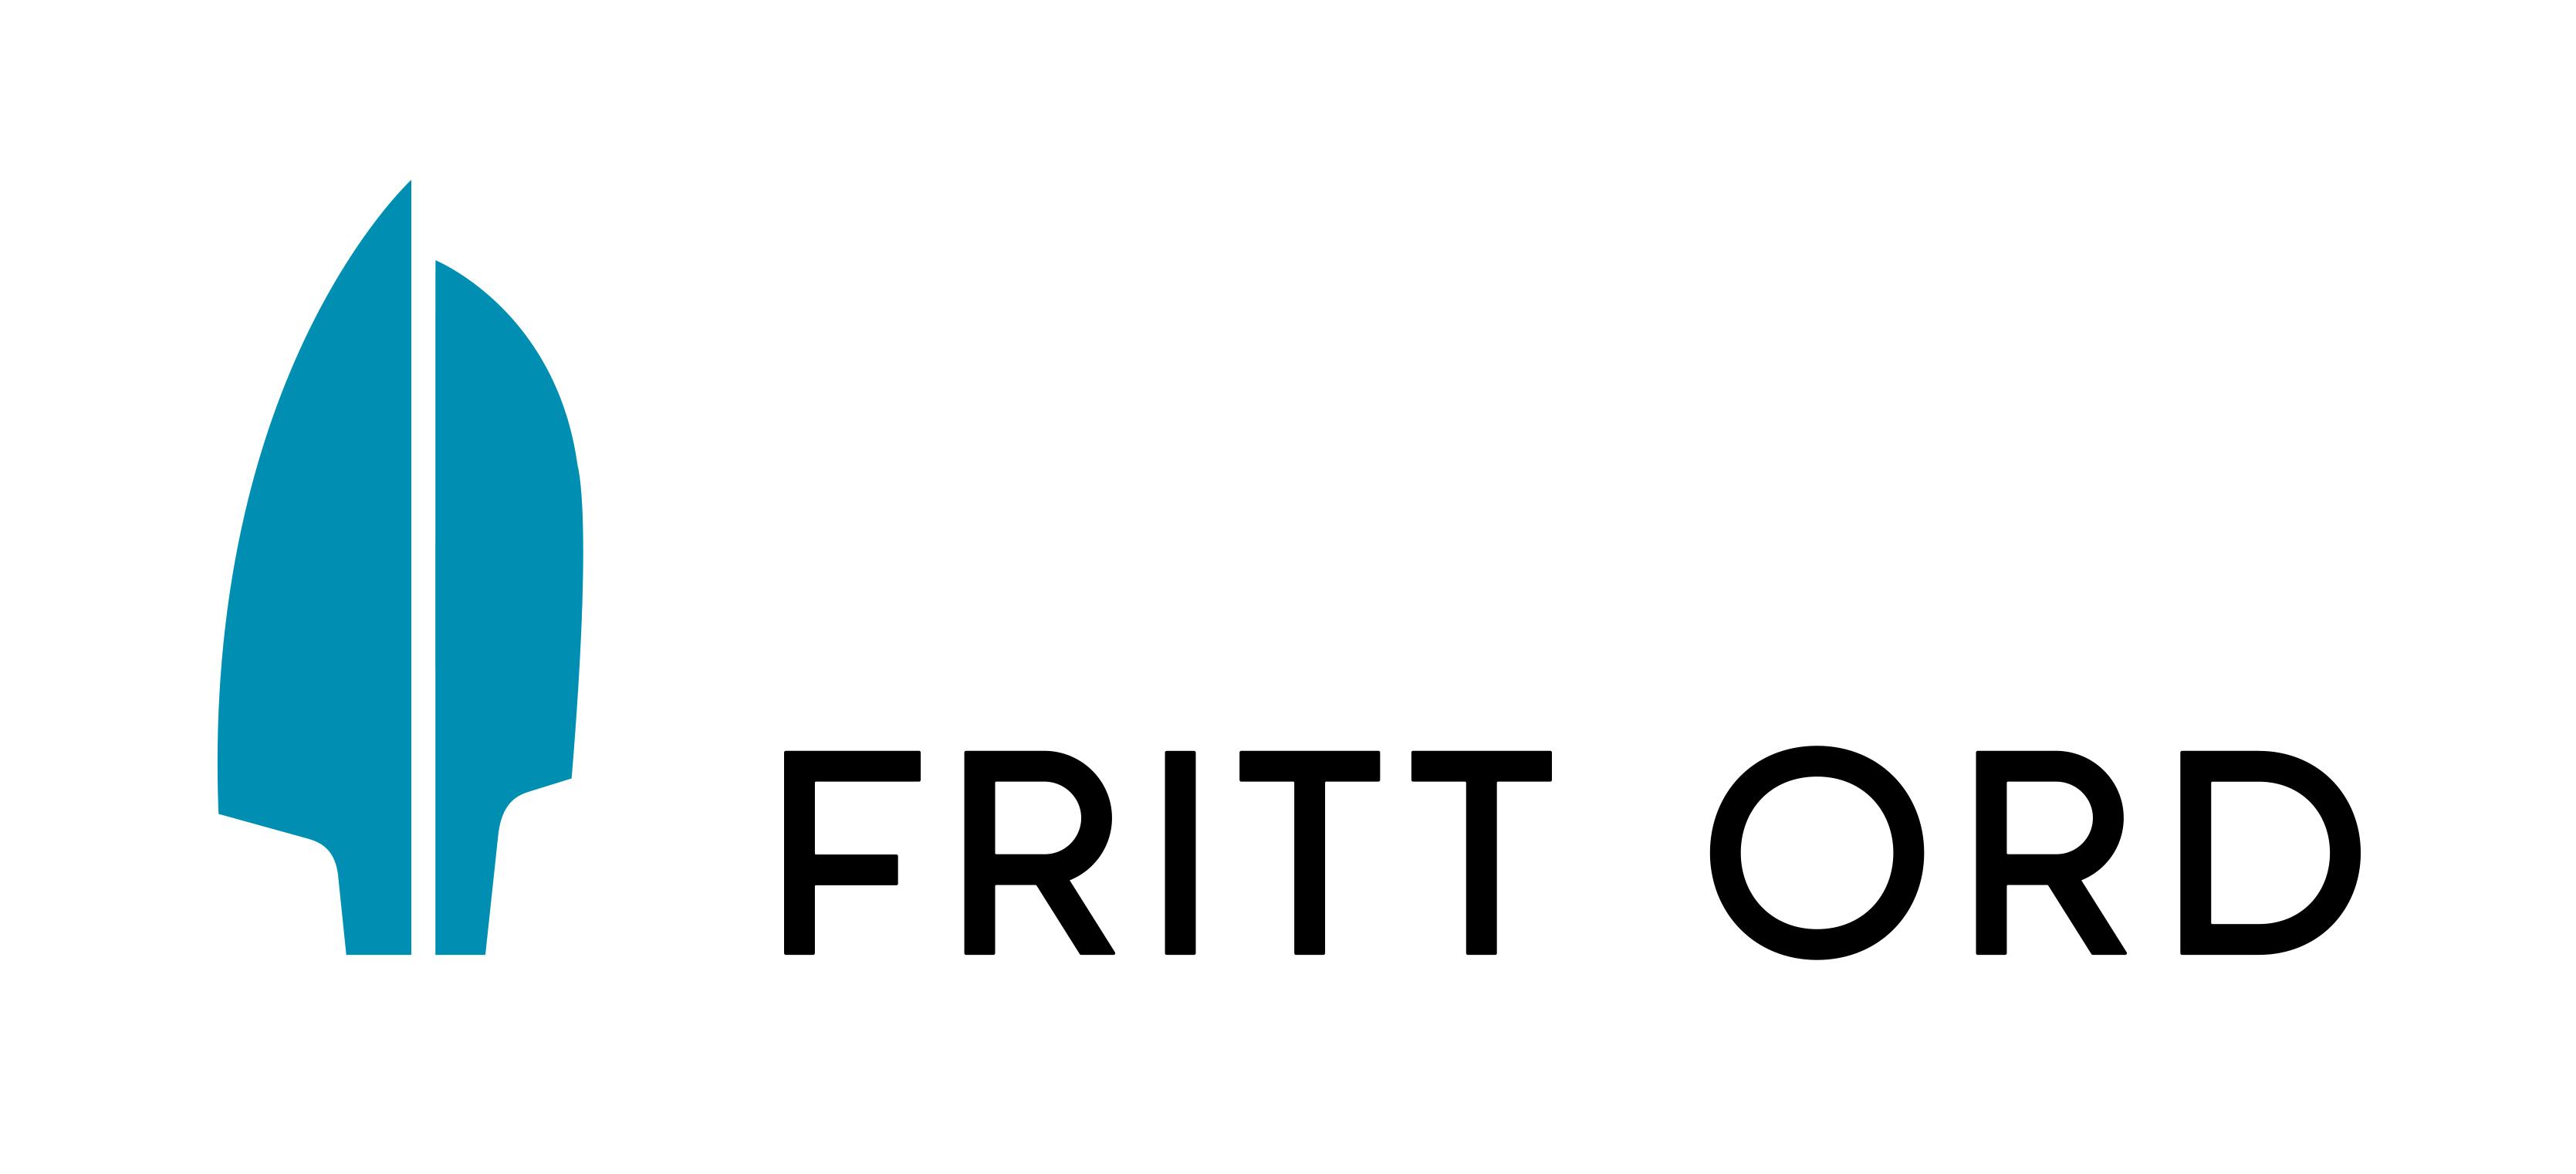 fritt-ord-logo-liggende-cmyk